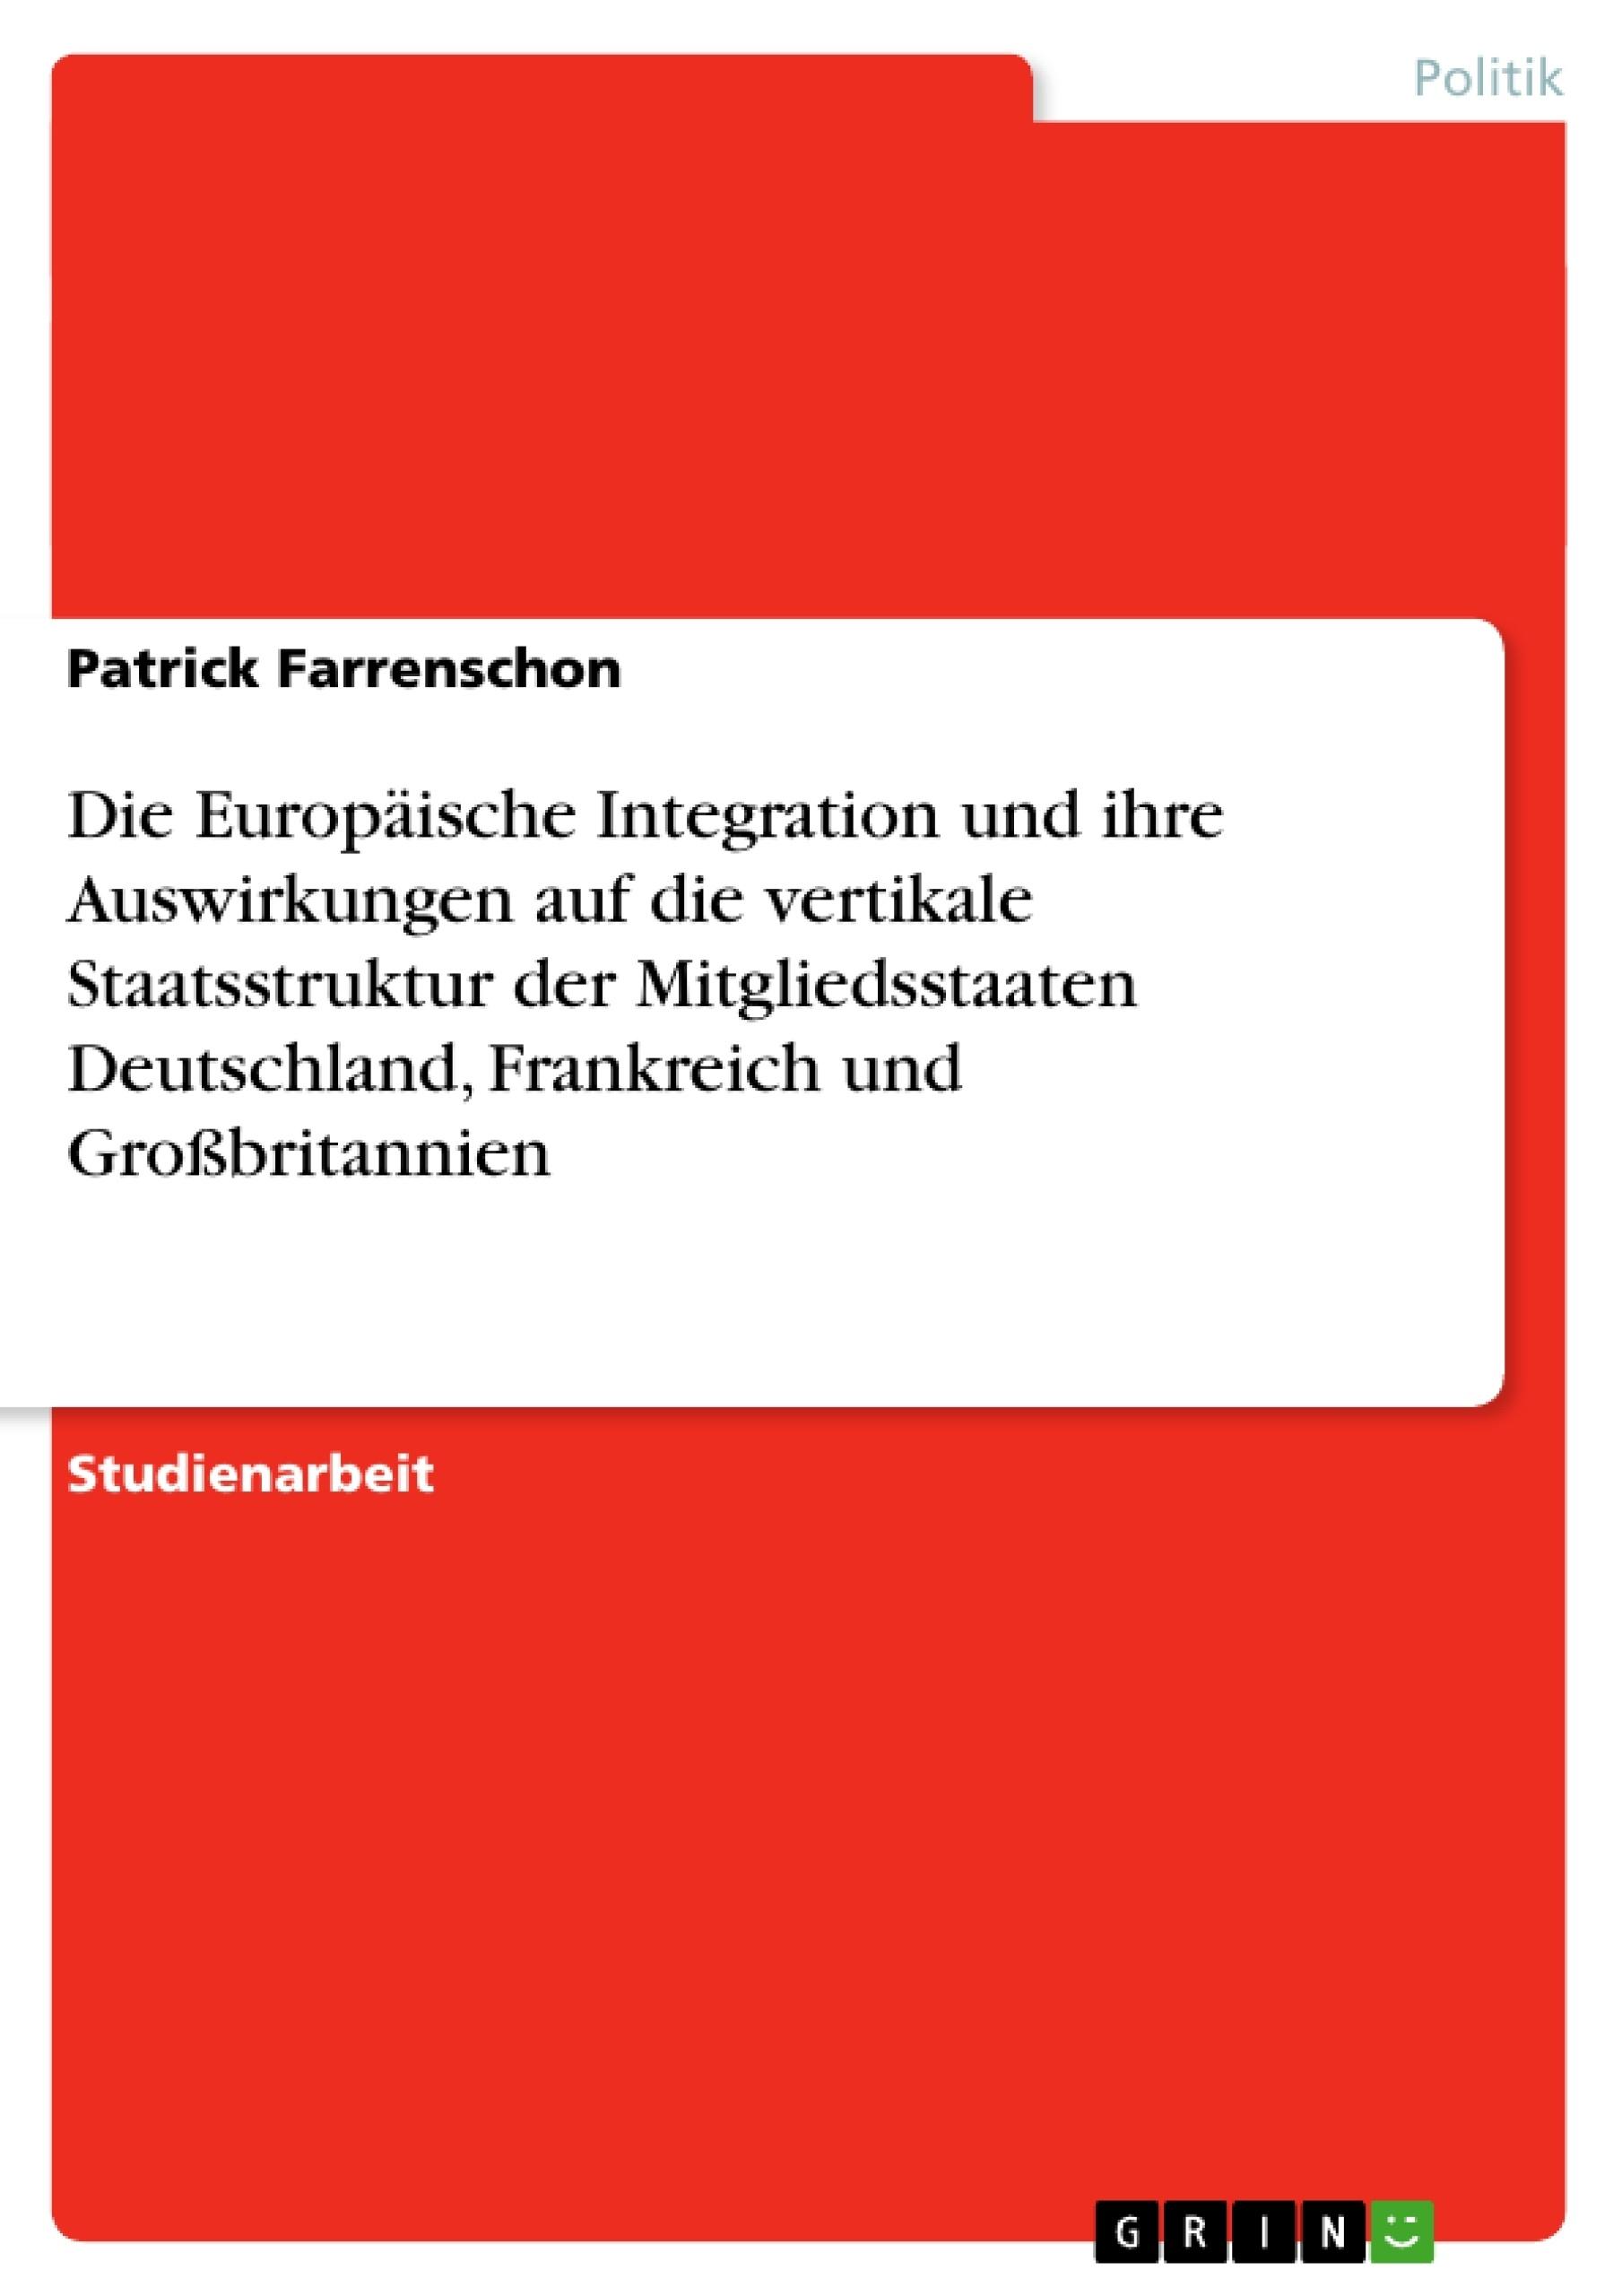 Titel: Die Europäische Integration und ihre Auswirkungen auf die vertikale Staatsstruktur der Mitgliedsstaaten Deutschland, Frankreich und Großbritannien